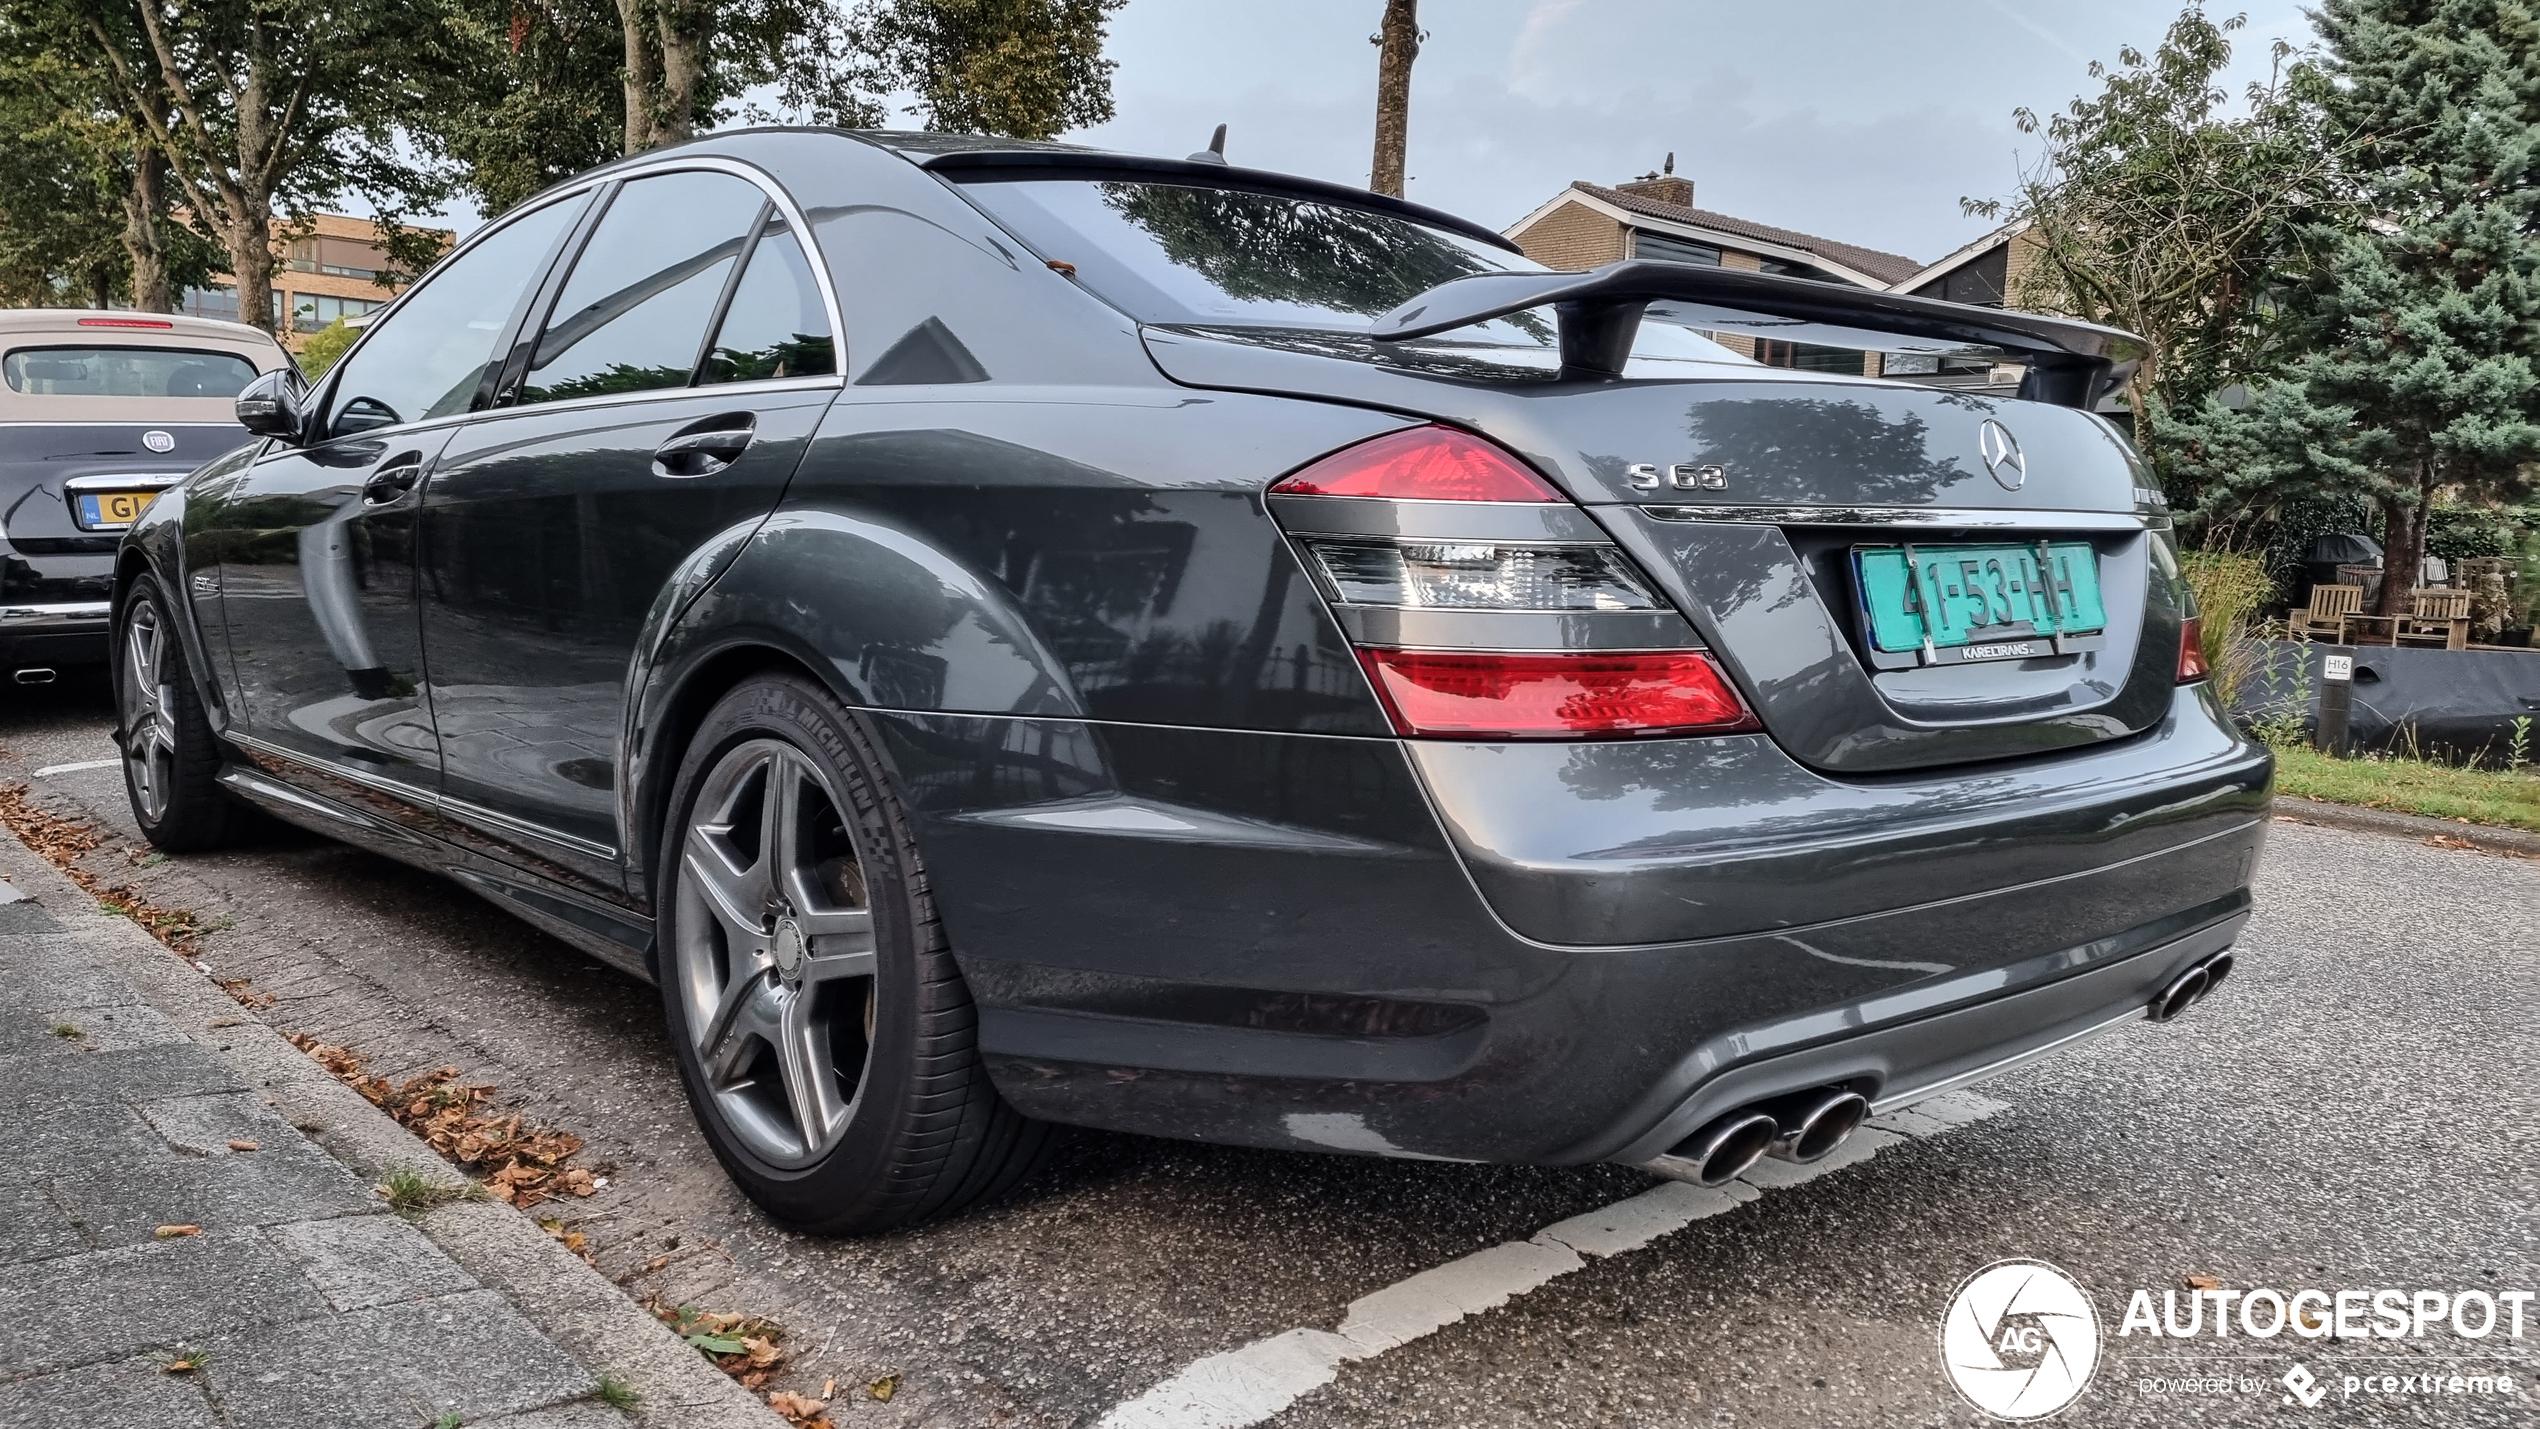 Mercedes-Benz S 63 AMG gaat door geluidsbarrière met deze spoiler